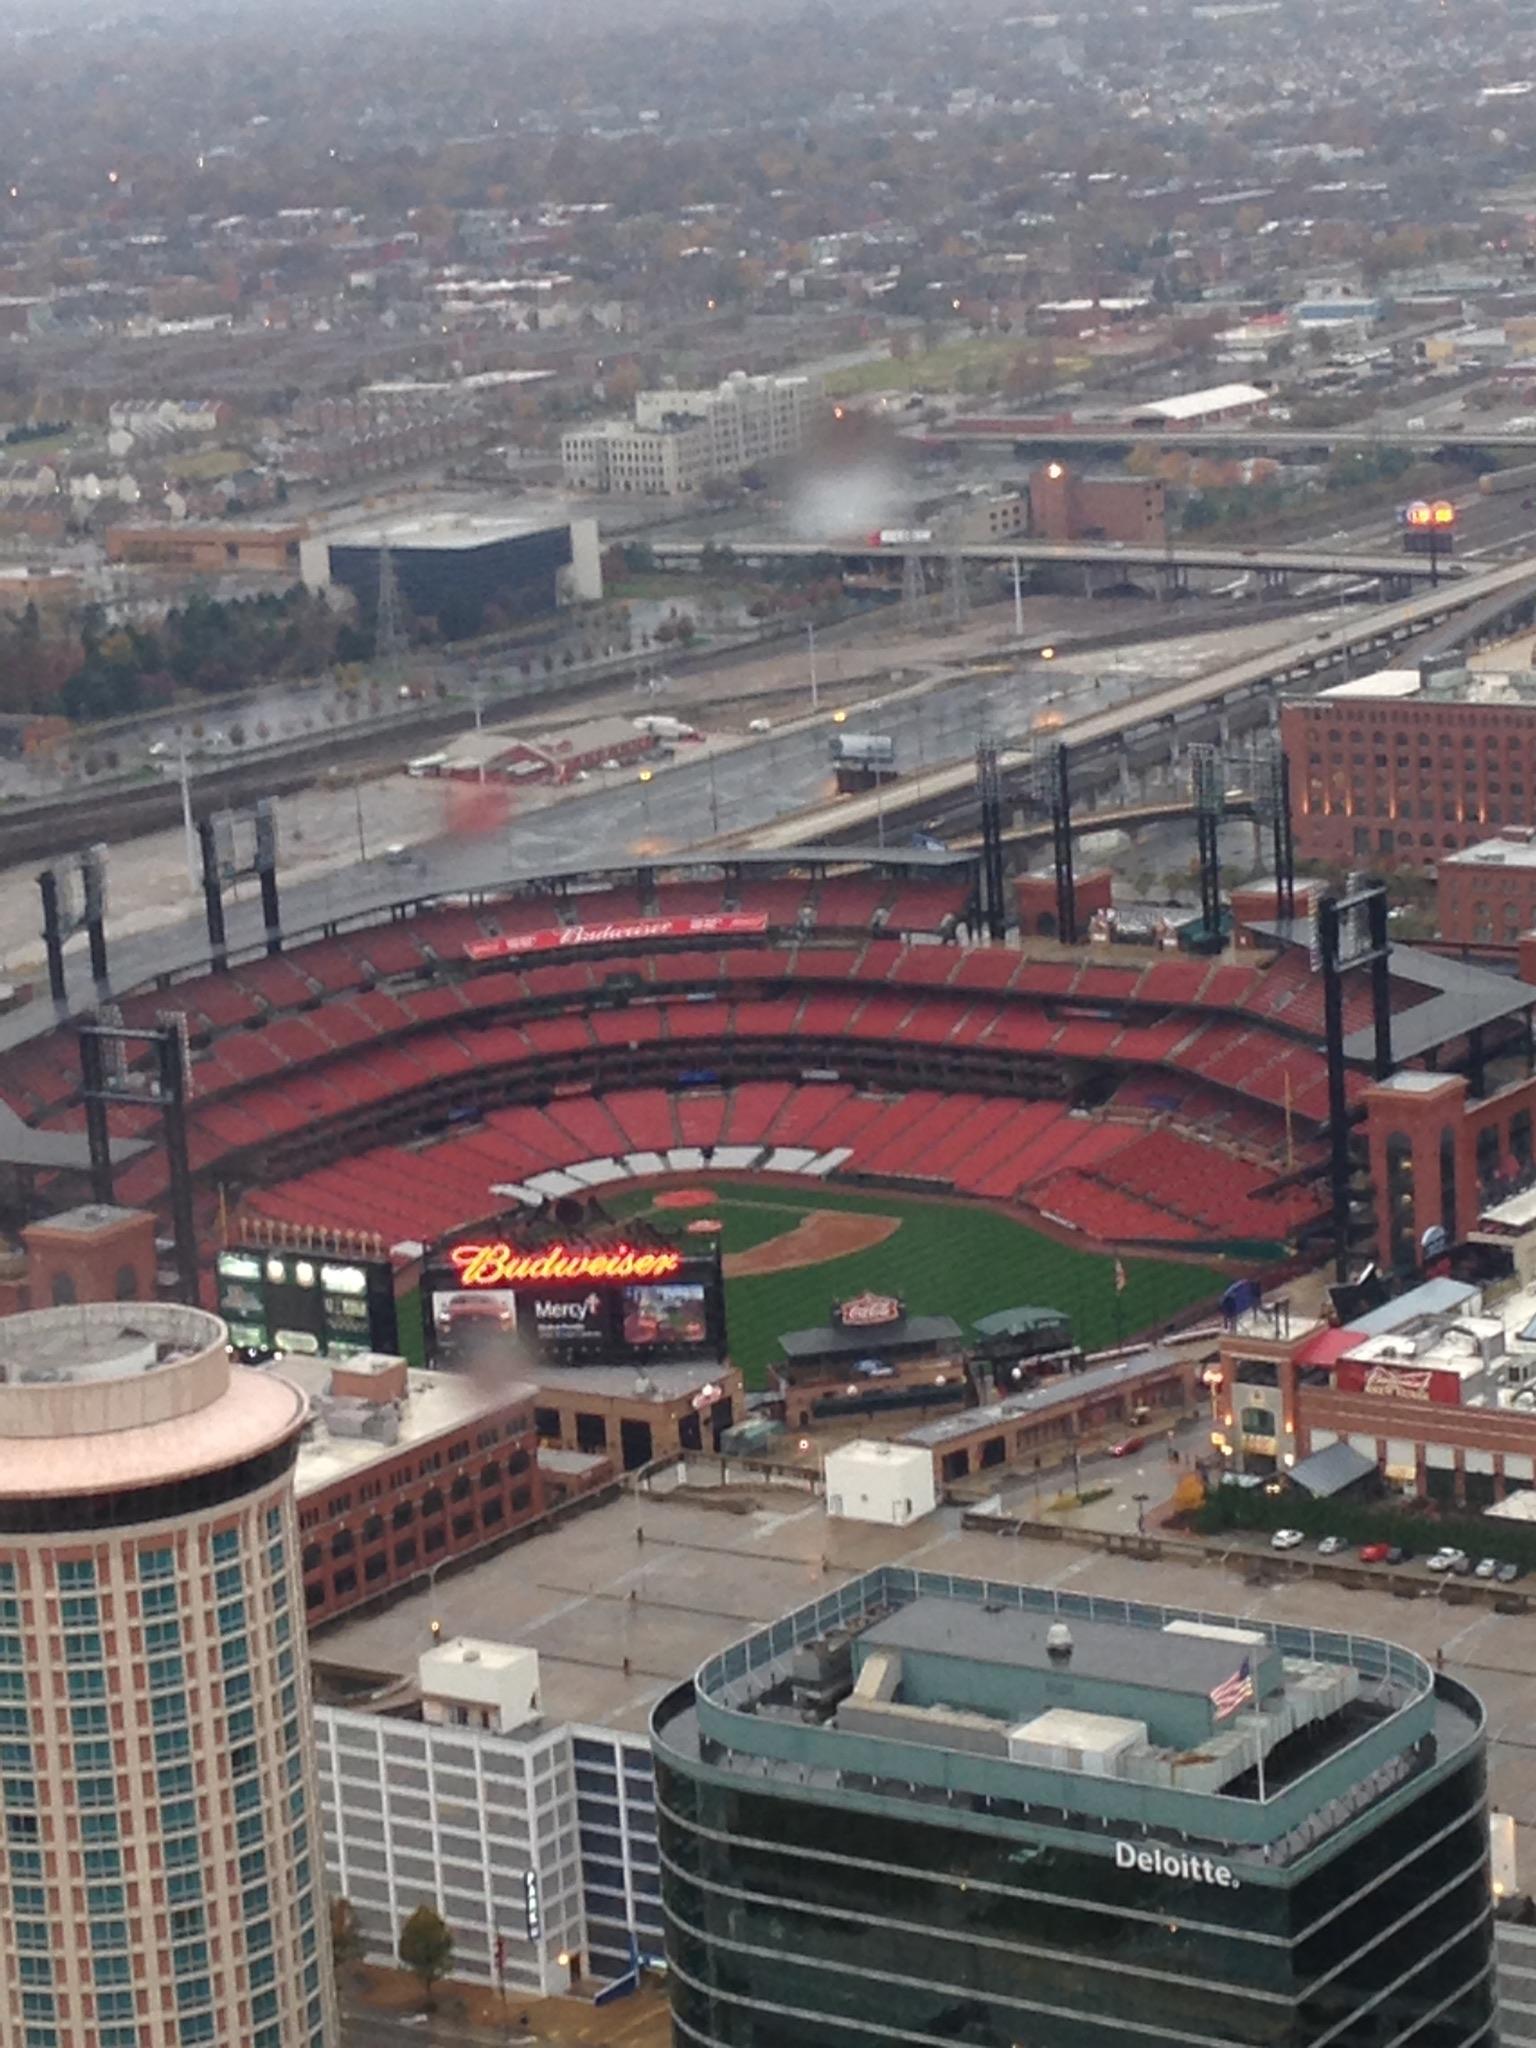 Gateway Arch, St. Louis, Missouri, thrill, ride, view, Busch Stadium